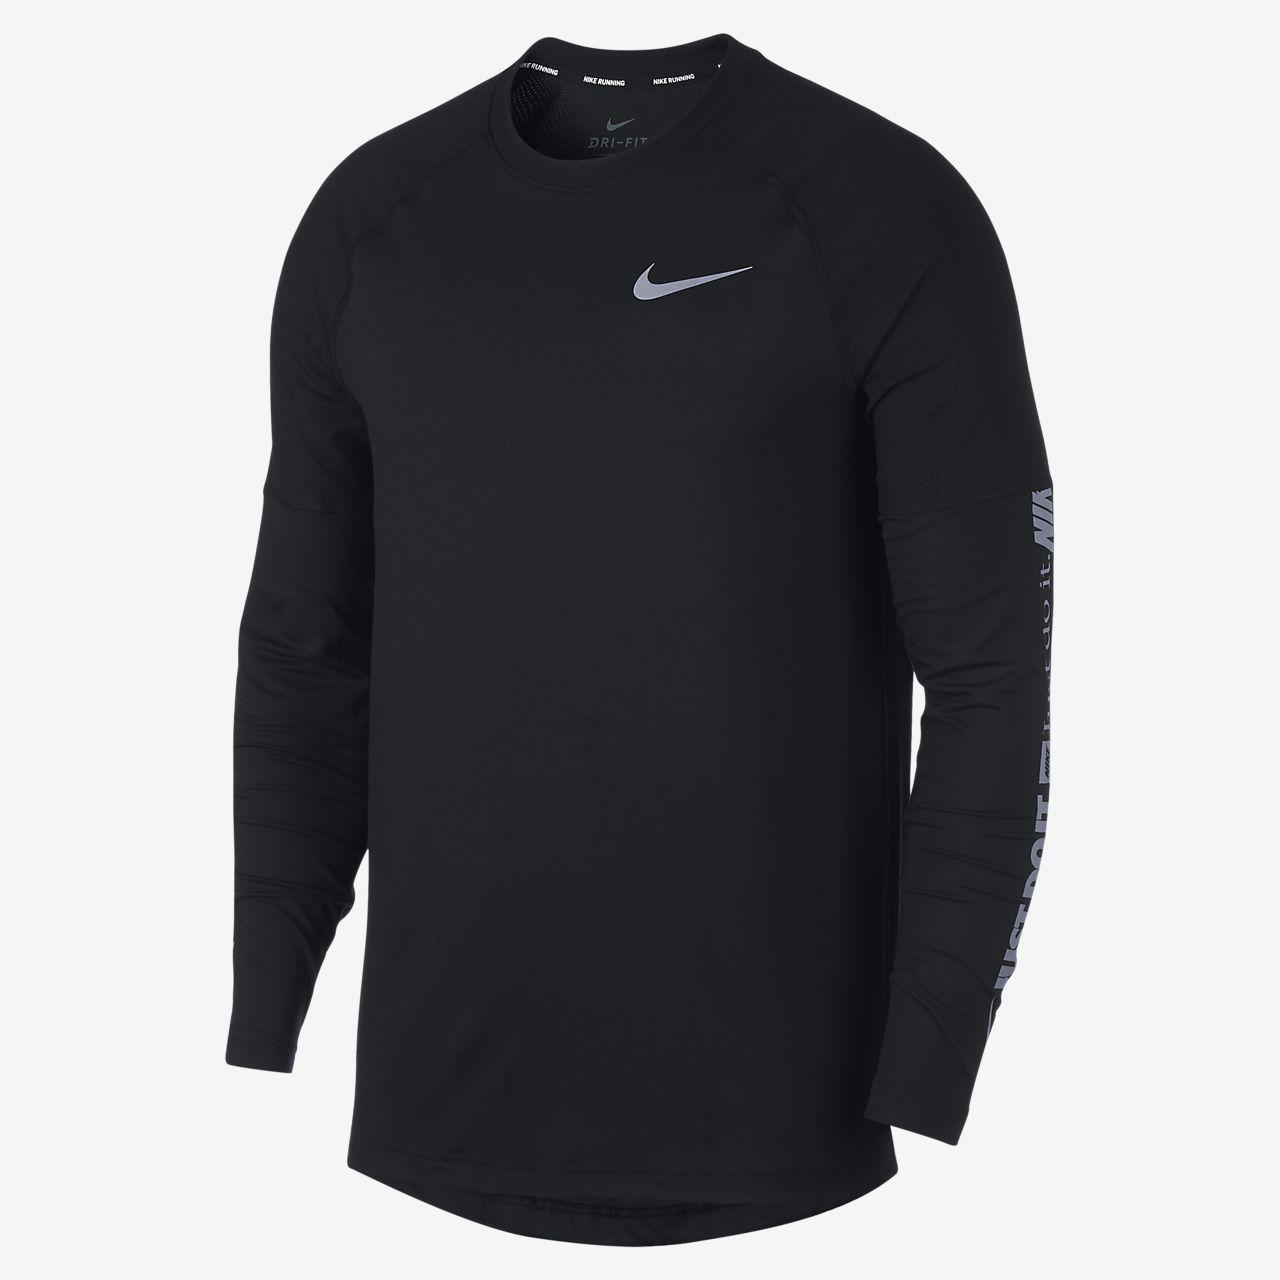 เสื้อวิ่งแขนยาวผู้ชาย Nike Element